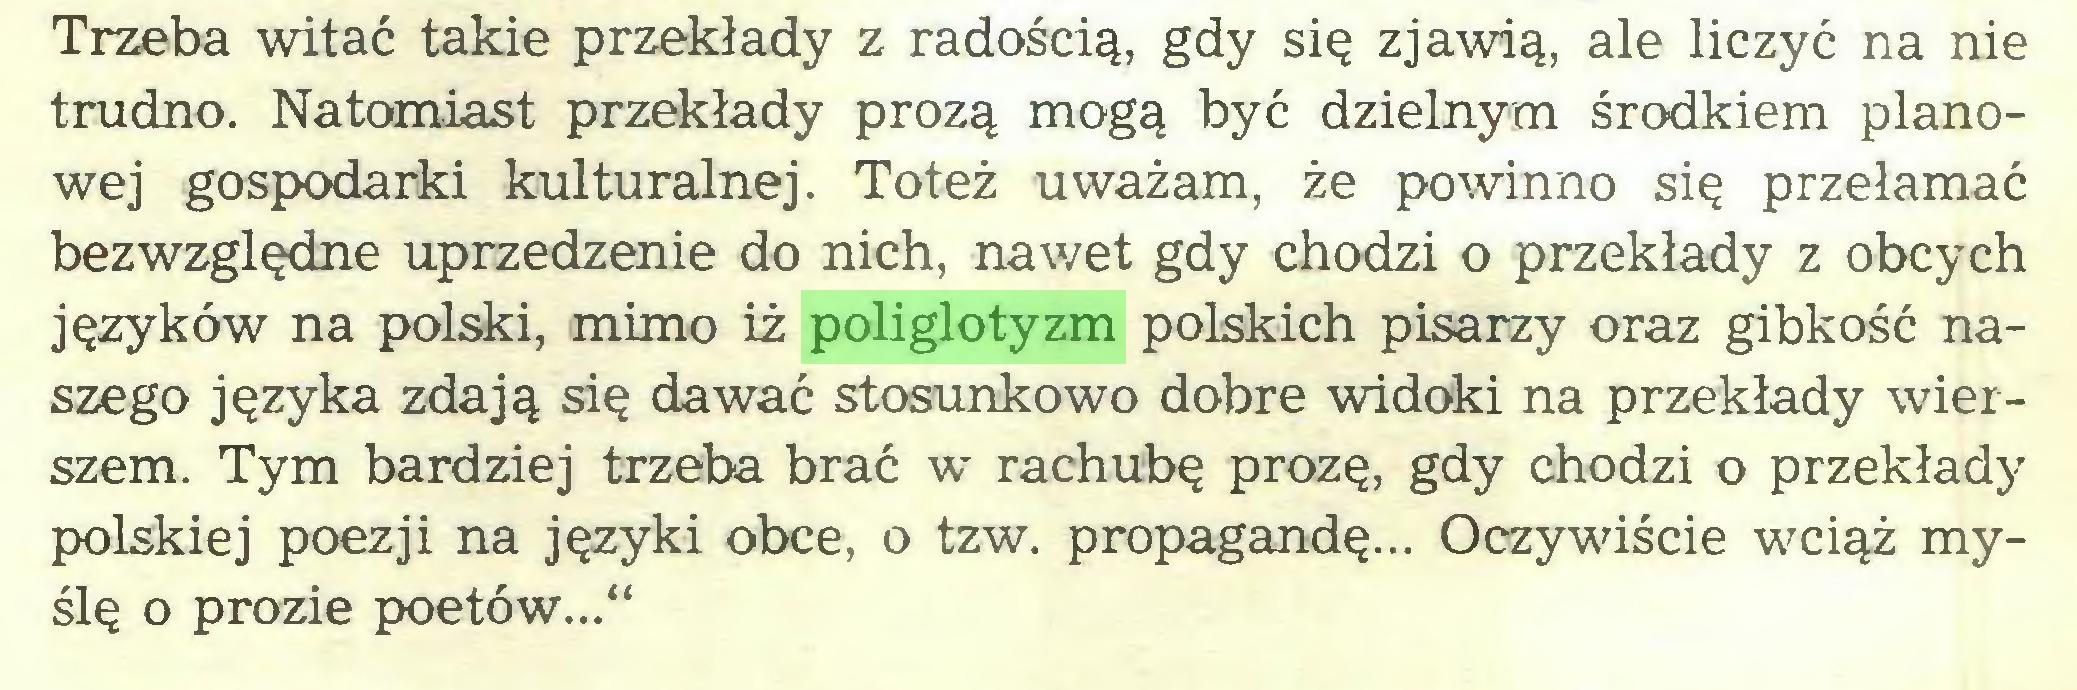 """(...) Trzeba witać takie przekłady z radością, gdy się zjawią, ale liczyć na nie trudno. Natomiast przekłady prozą mogą być dzielnym środkiem planowej gospodarki kulturalnej. Toteż uważam, że powinno się przełamać bezwzględne uprzedzenie do nich, nawet gdy chodzi o przekłady z obcych języków na polski, mimo iż poliglotyzm polskich pisarzy oraz gibkość naszego języka zdają się dawać stosunkowo dobre widoki na przekłady wierszem. Tym bardziej trzeba brać w rachubę prozę, gdy chodzi o przekłady polskiej poezji na języki obce, o tzw. propagandę... Oczywiście wciąż myślę o prozie poetów...""""..."""